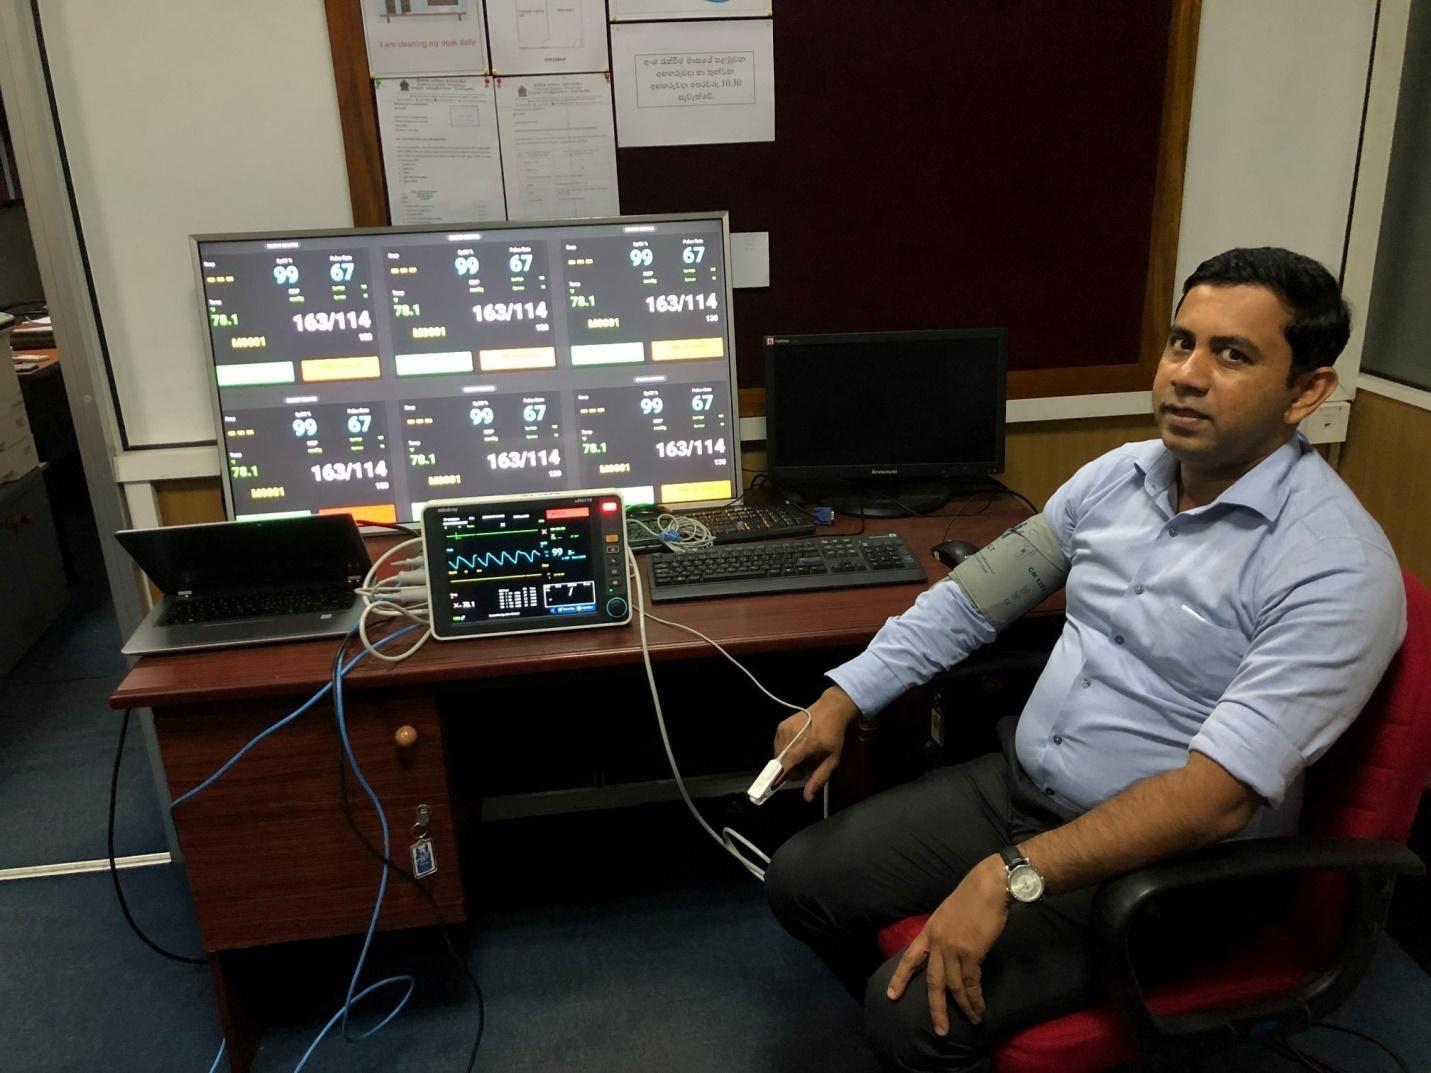 Go, Vue и 3 дня на разработку: система реального времени для мониторинга пациентов - 8